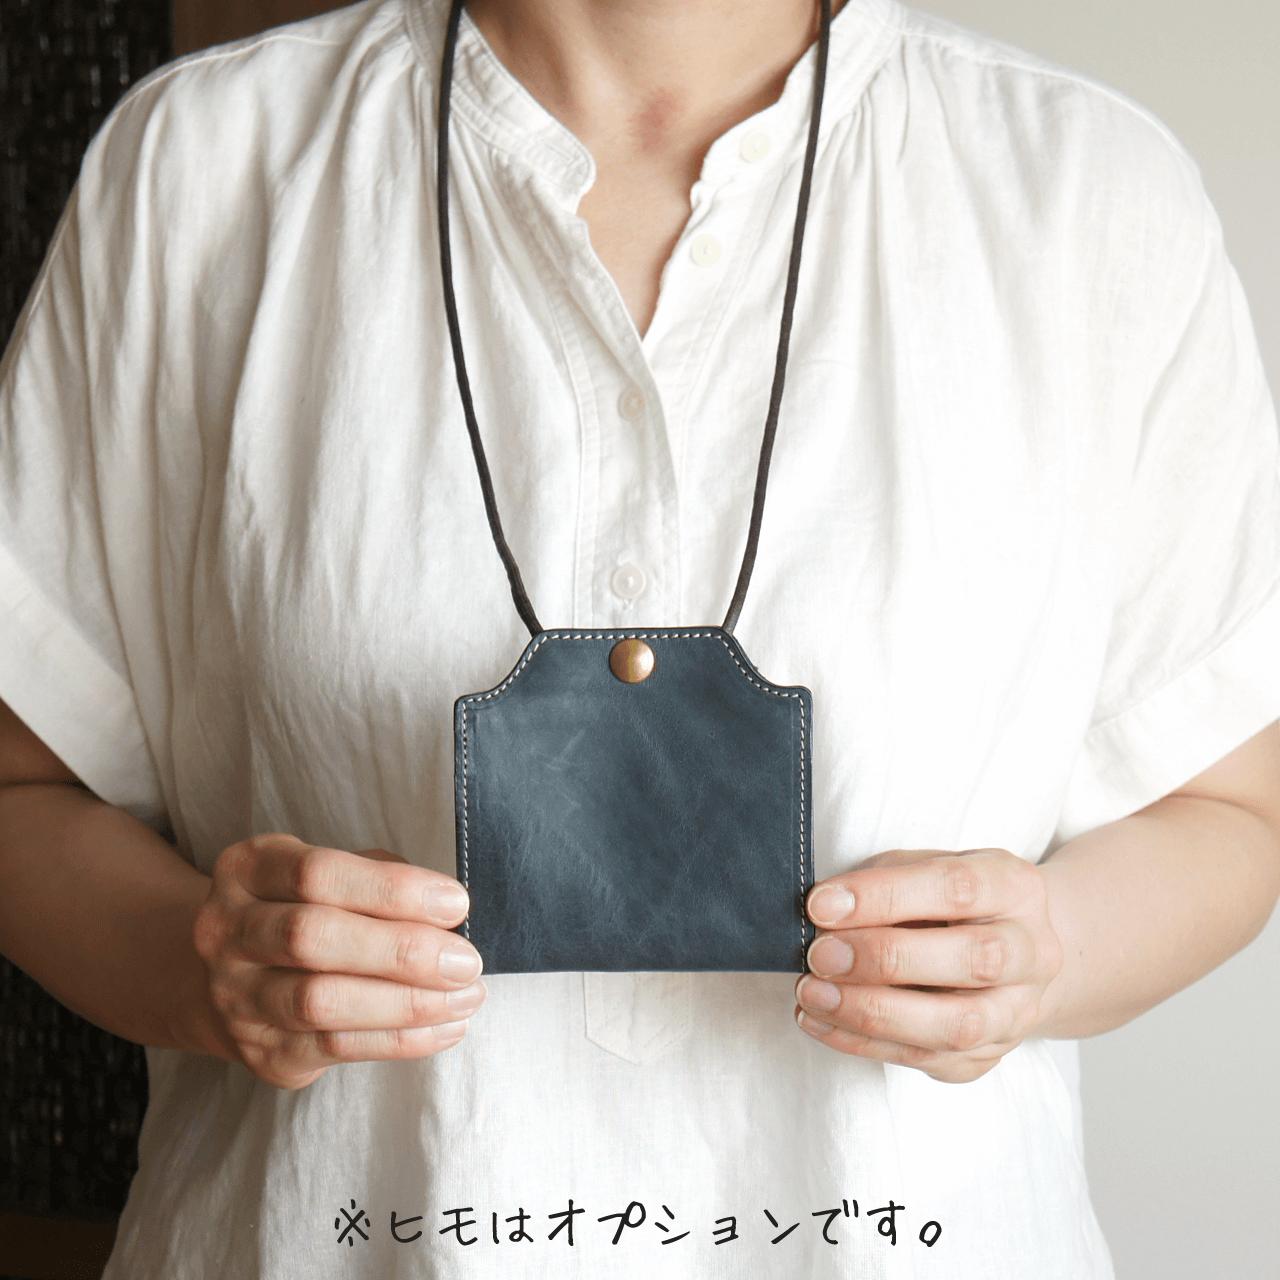 【抗菌】マスクケース(ネイビー)★布マスク・不織布マスク両対応